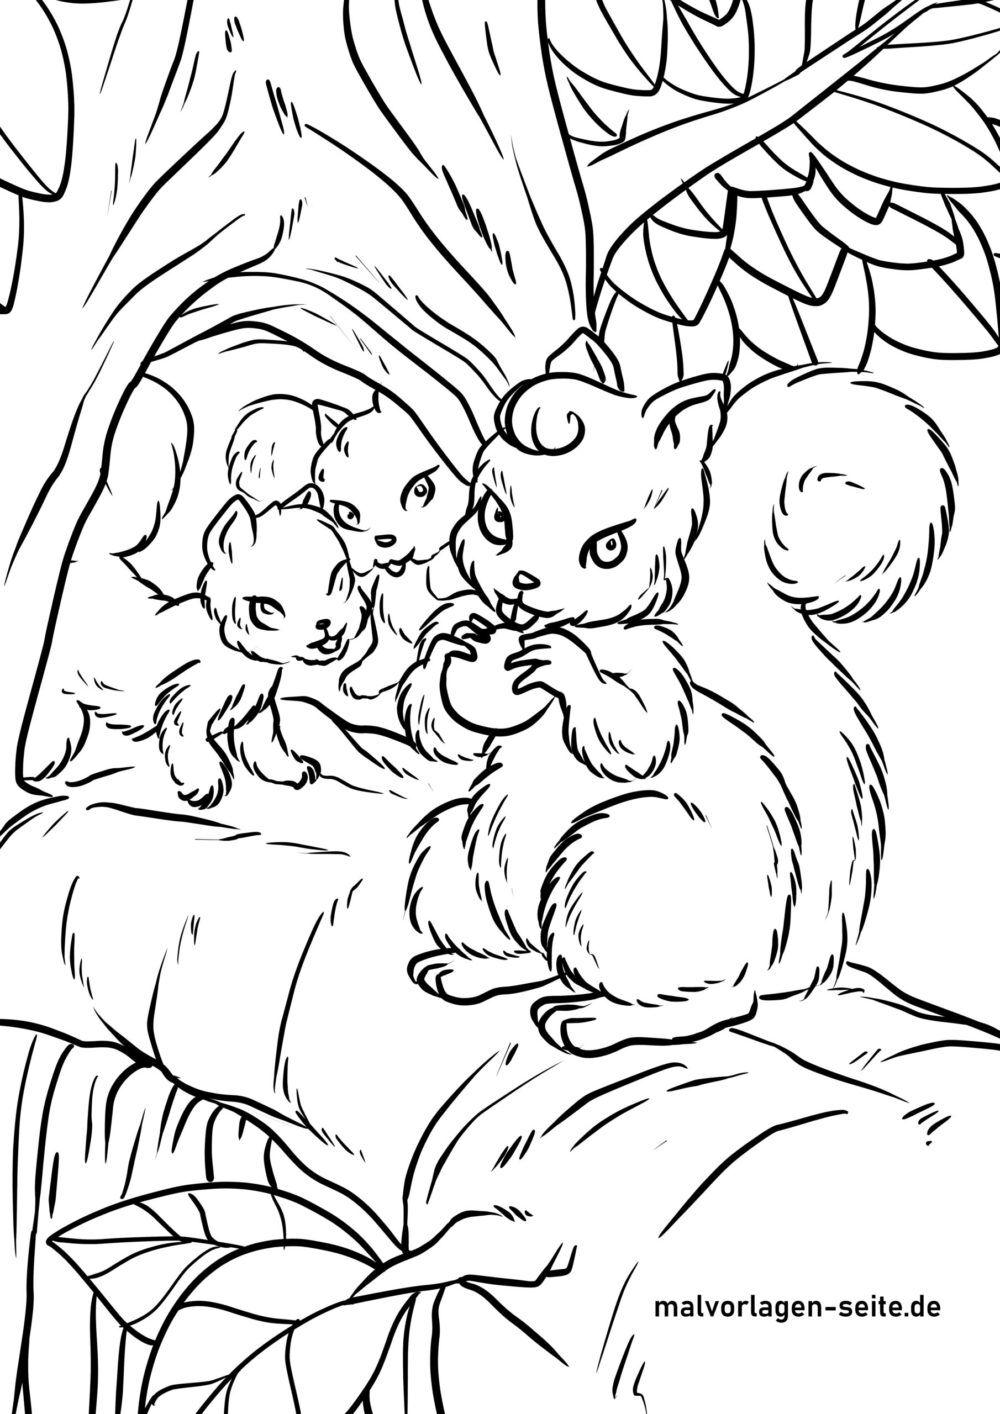 Tolle Malvorlage Eichhörnchen - Kostenlose Ausmalbilder